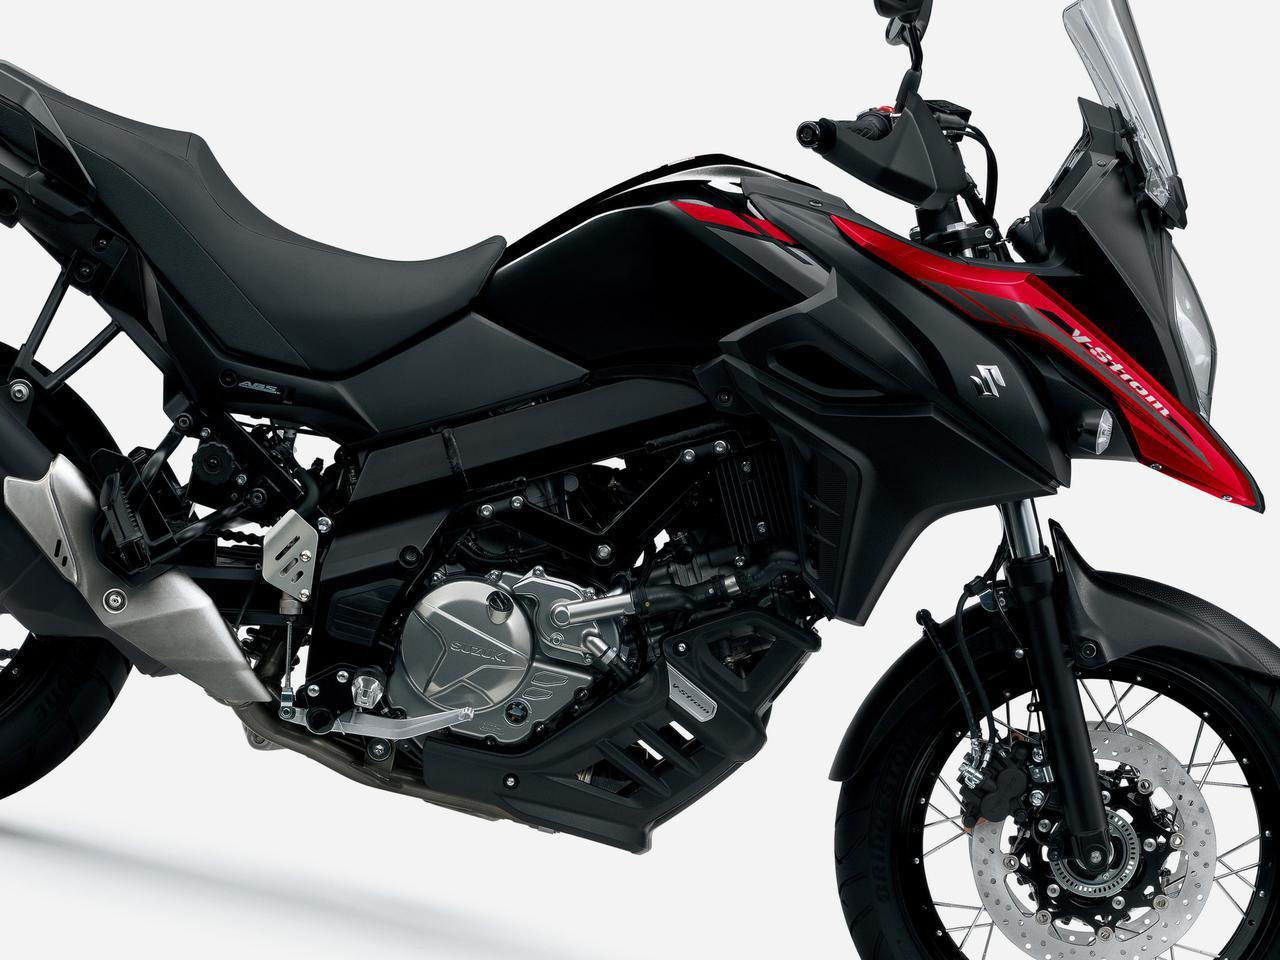 画像: 【2021モデル】クラスを超えすぎの650ccアドベンチャーバイク『Vストローム650/XT』がカラーチェンジ! - スズキのバイク!